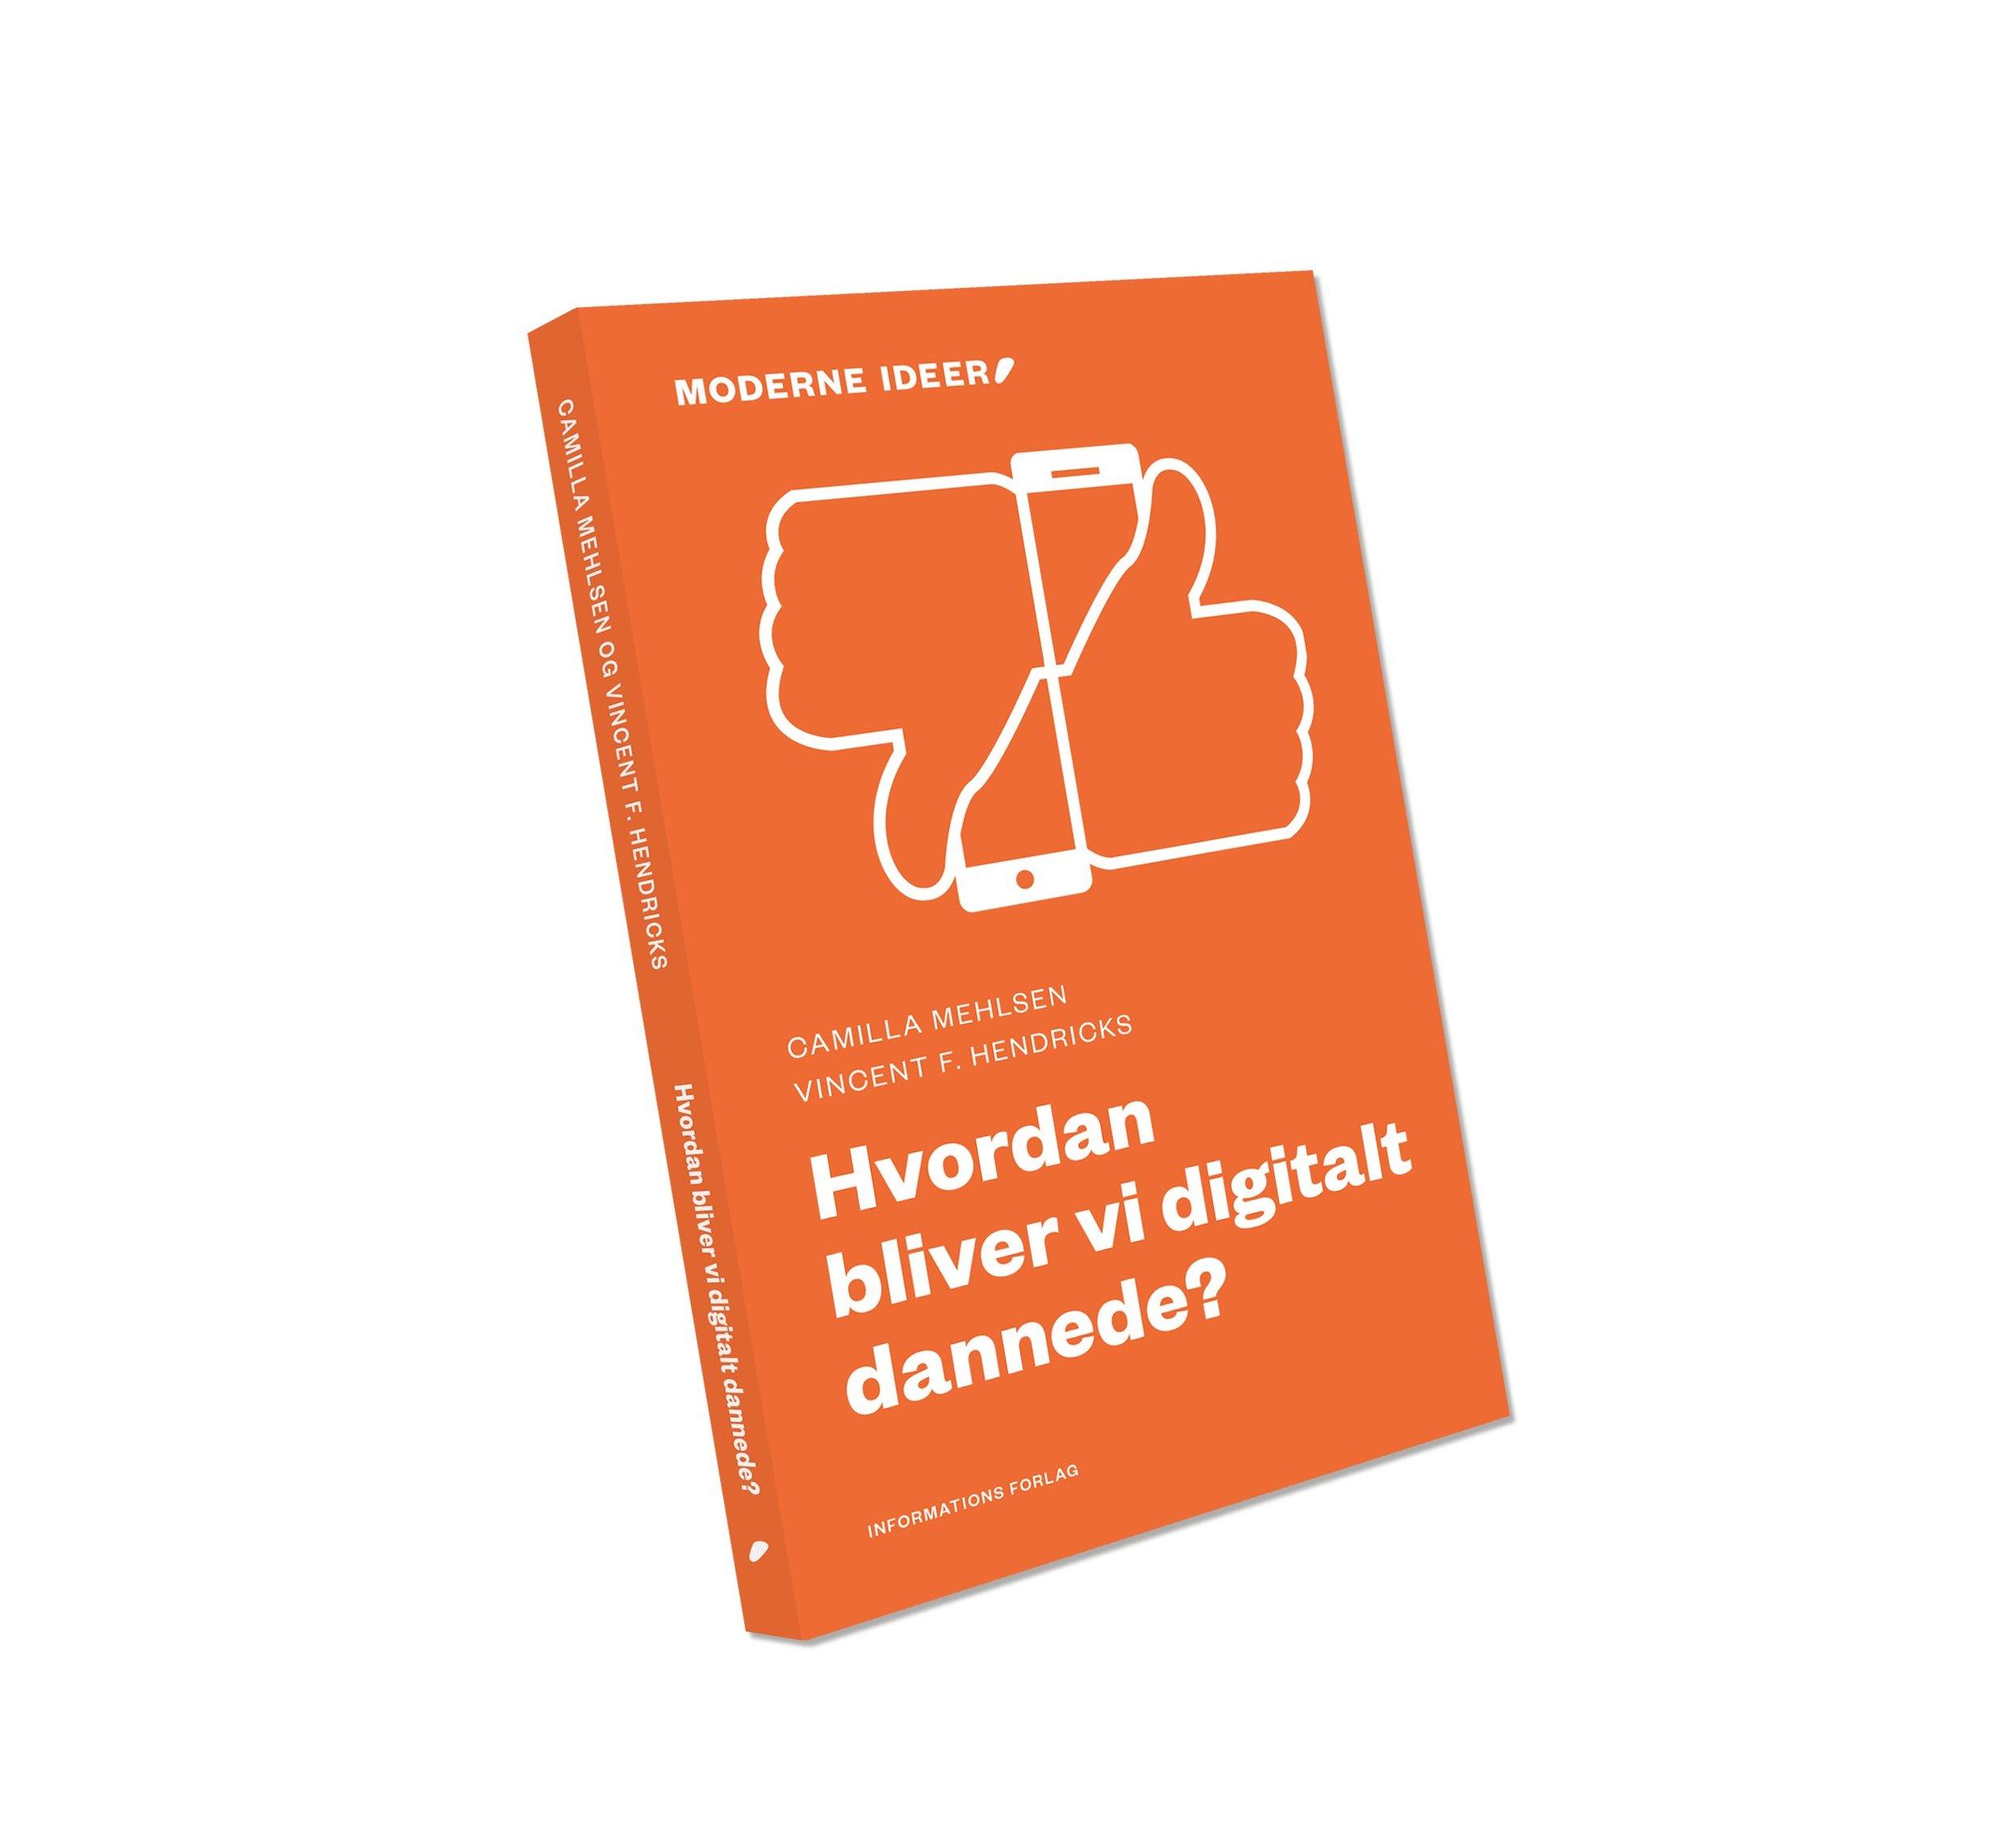 Digitalt_dannede_3D_SHOP-tiltet.jpg